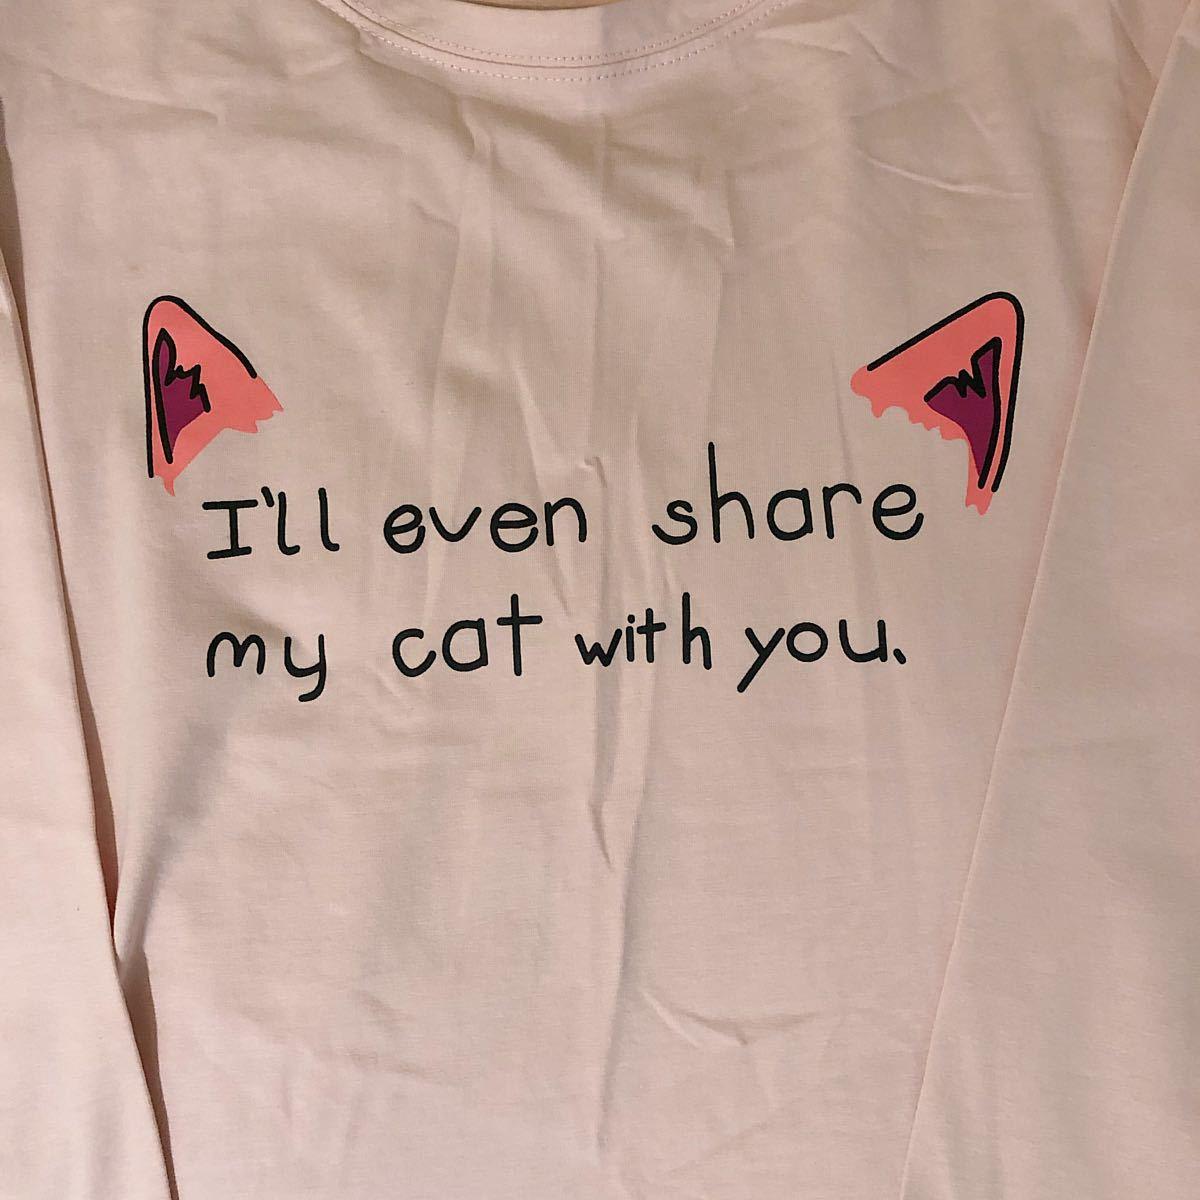 トップス シャツ ピンク 可愛い 新品